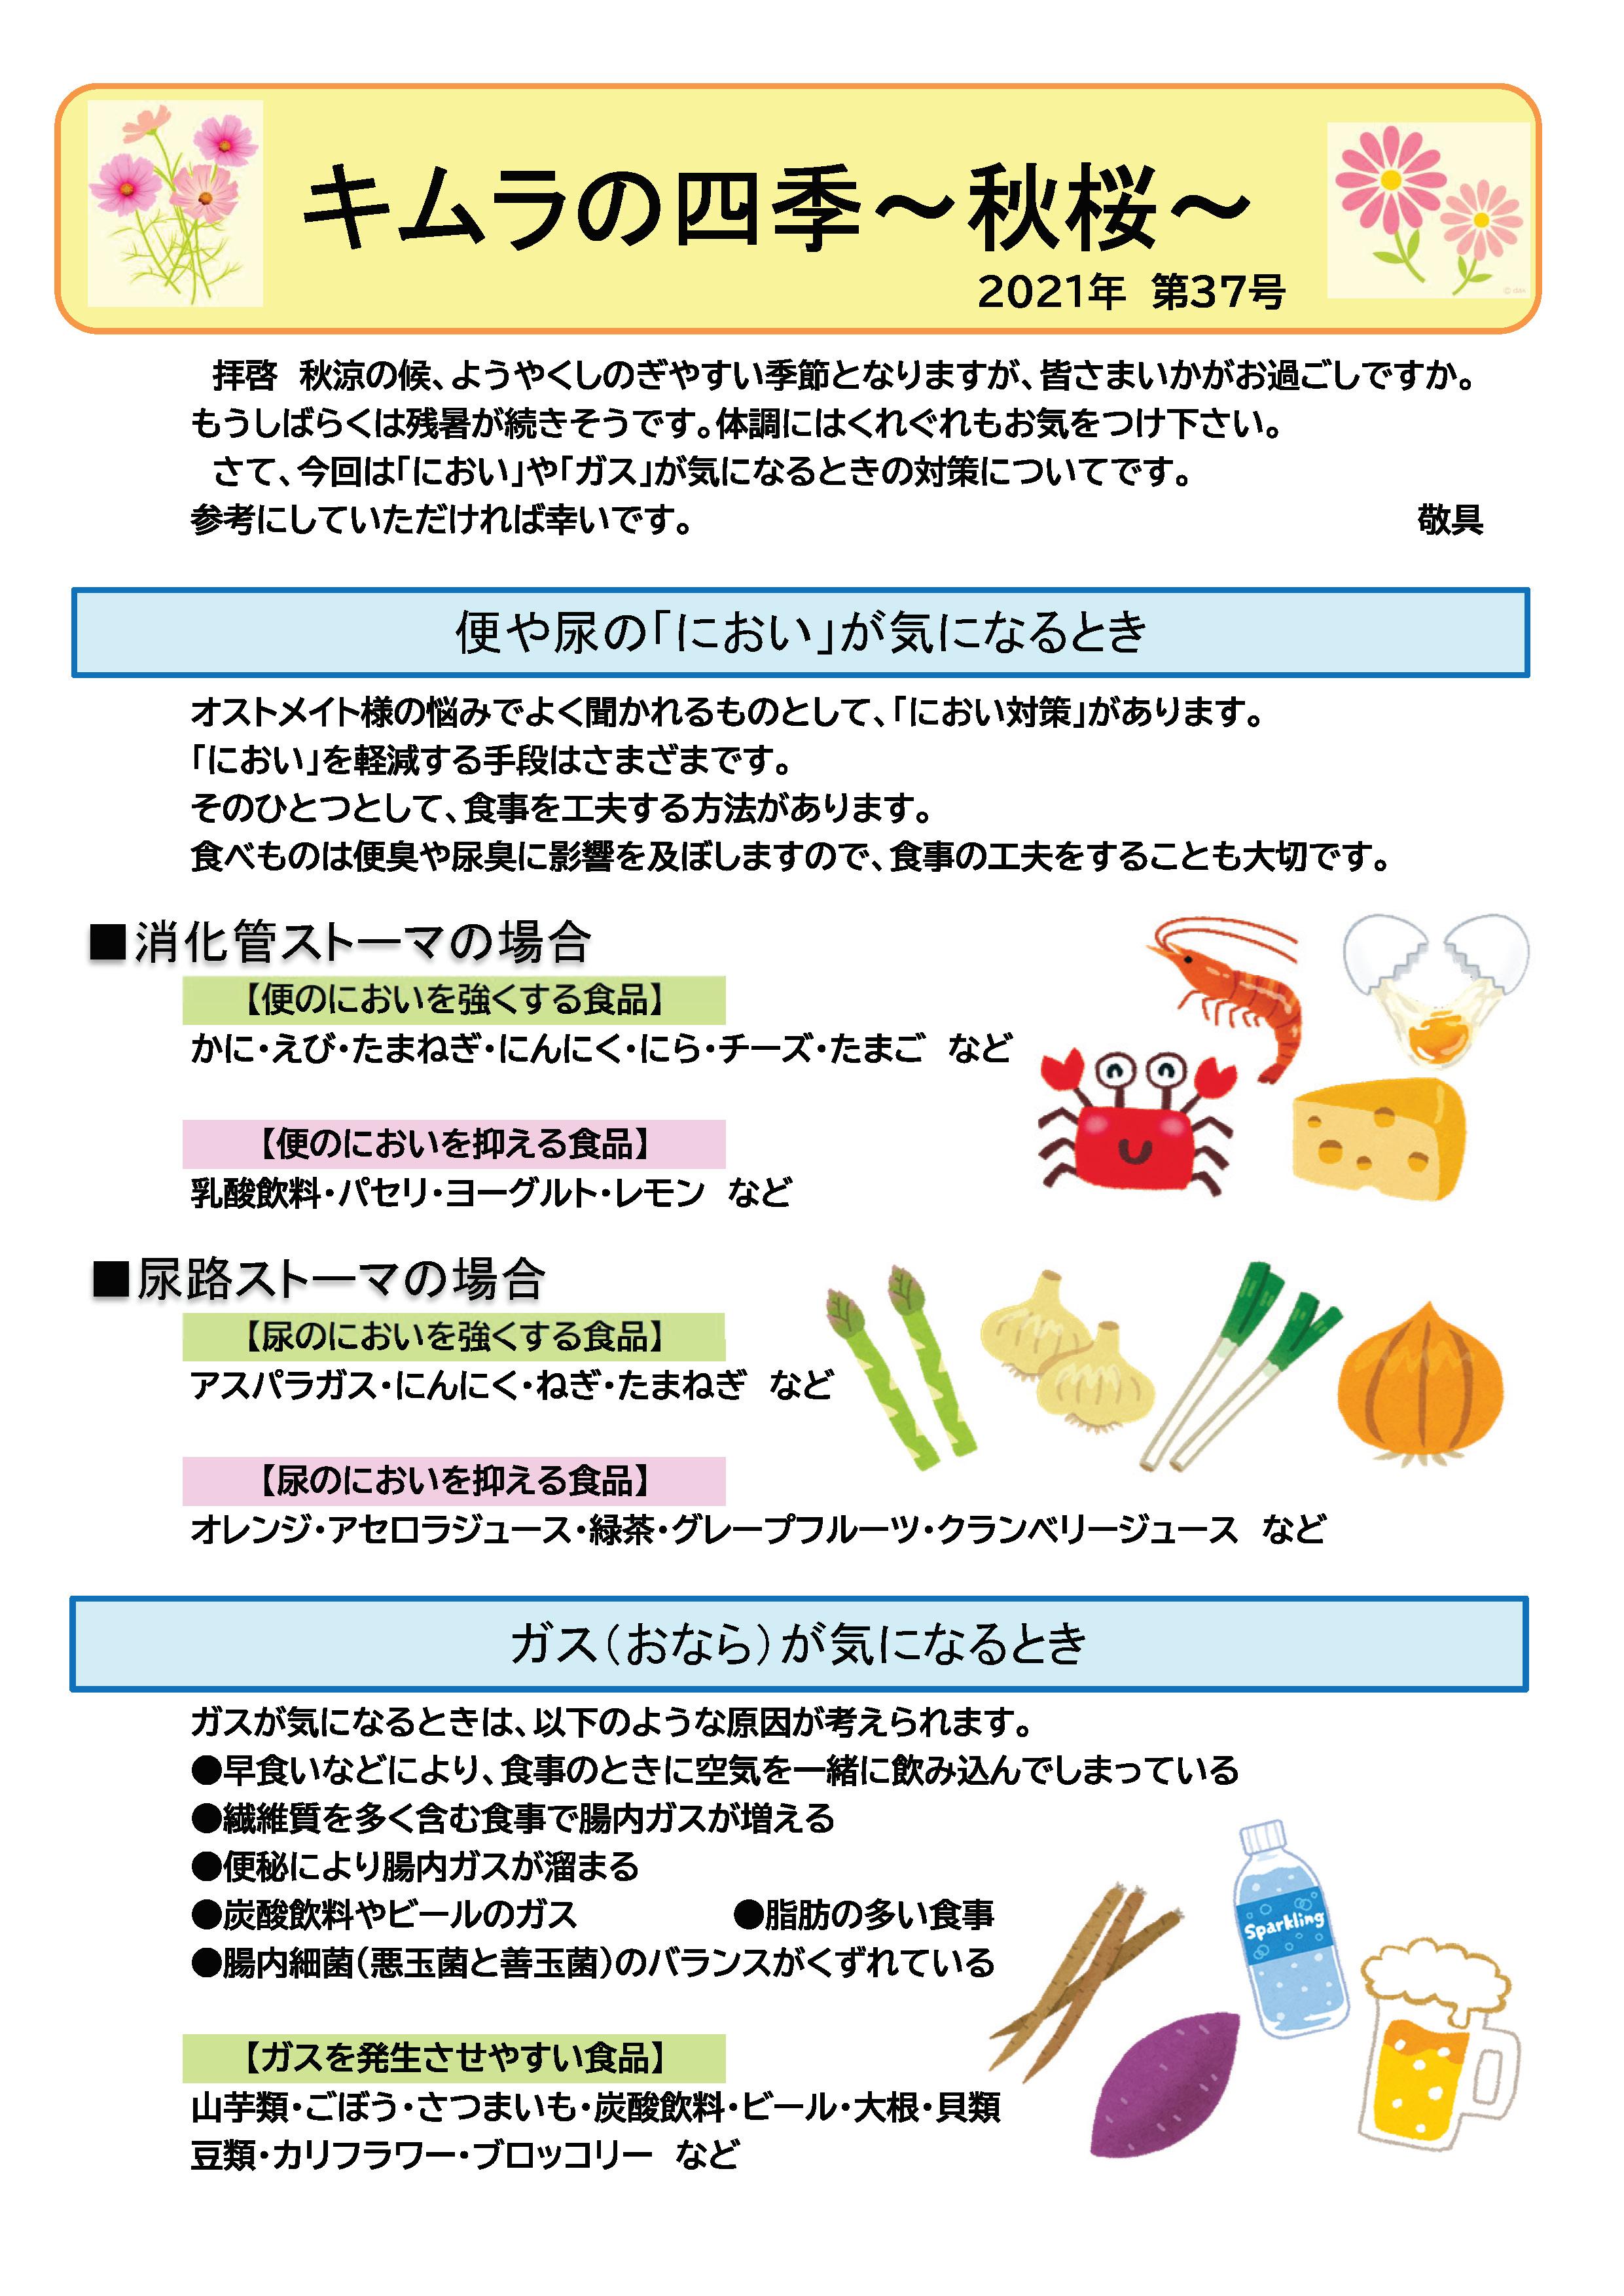 キムラの四季